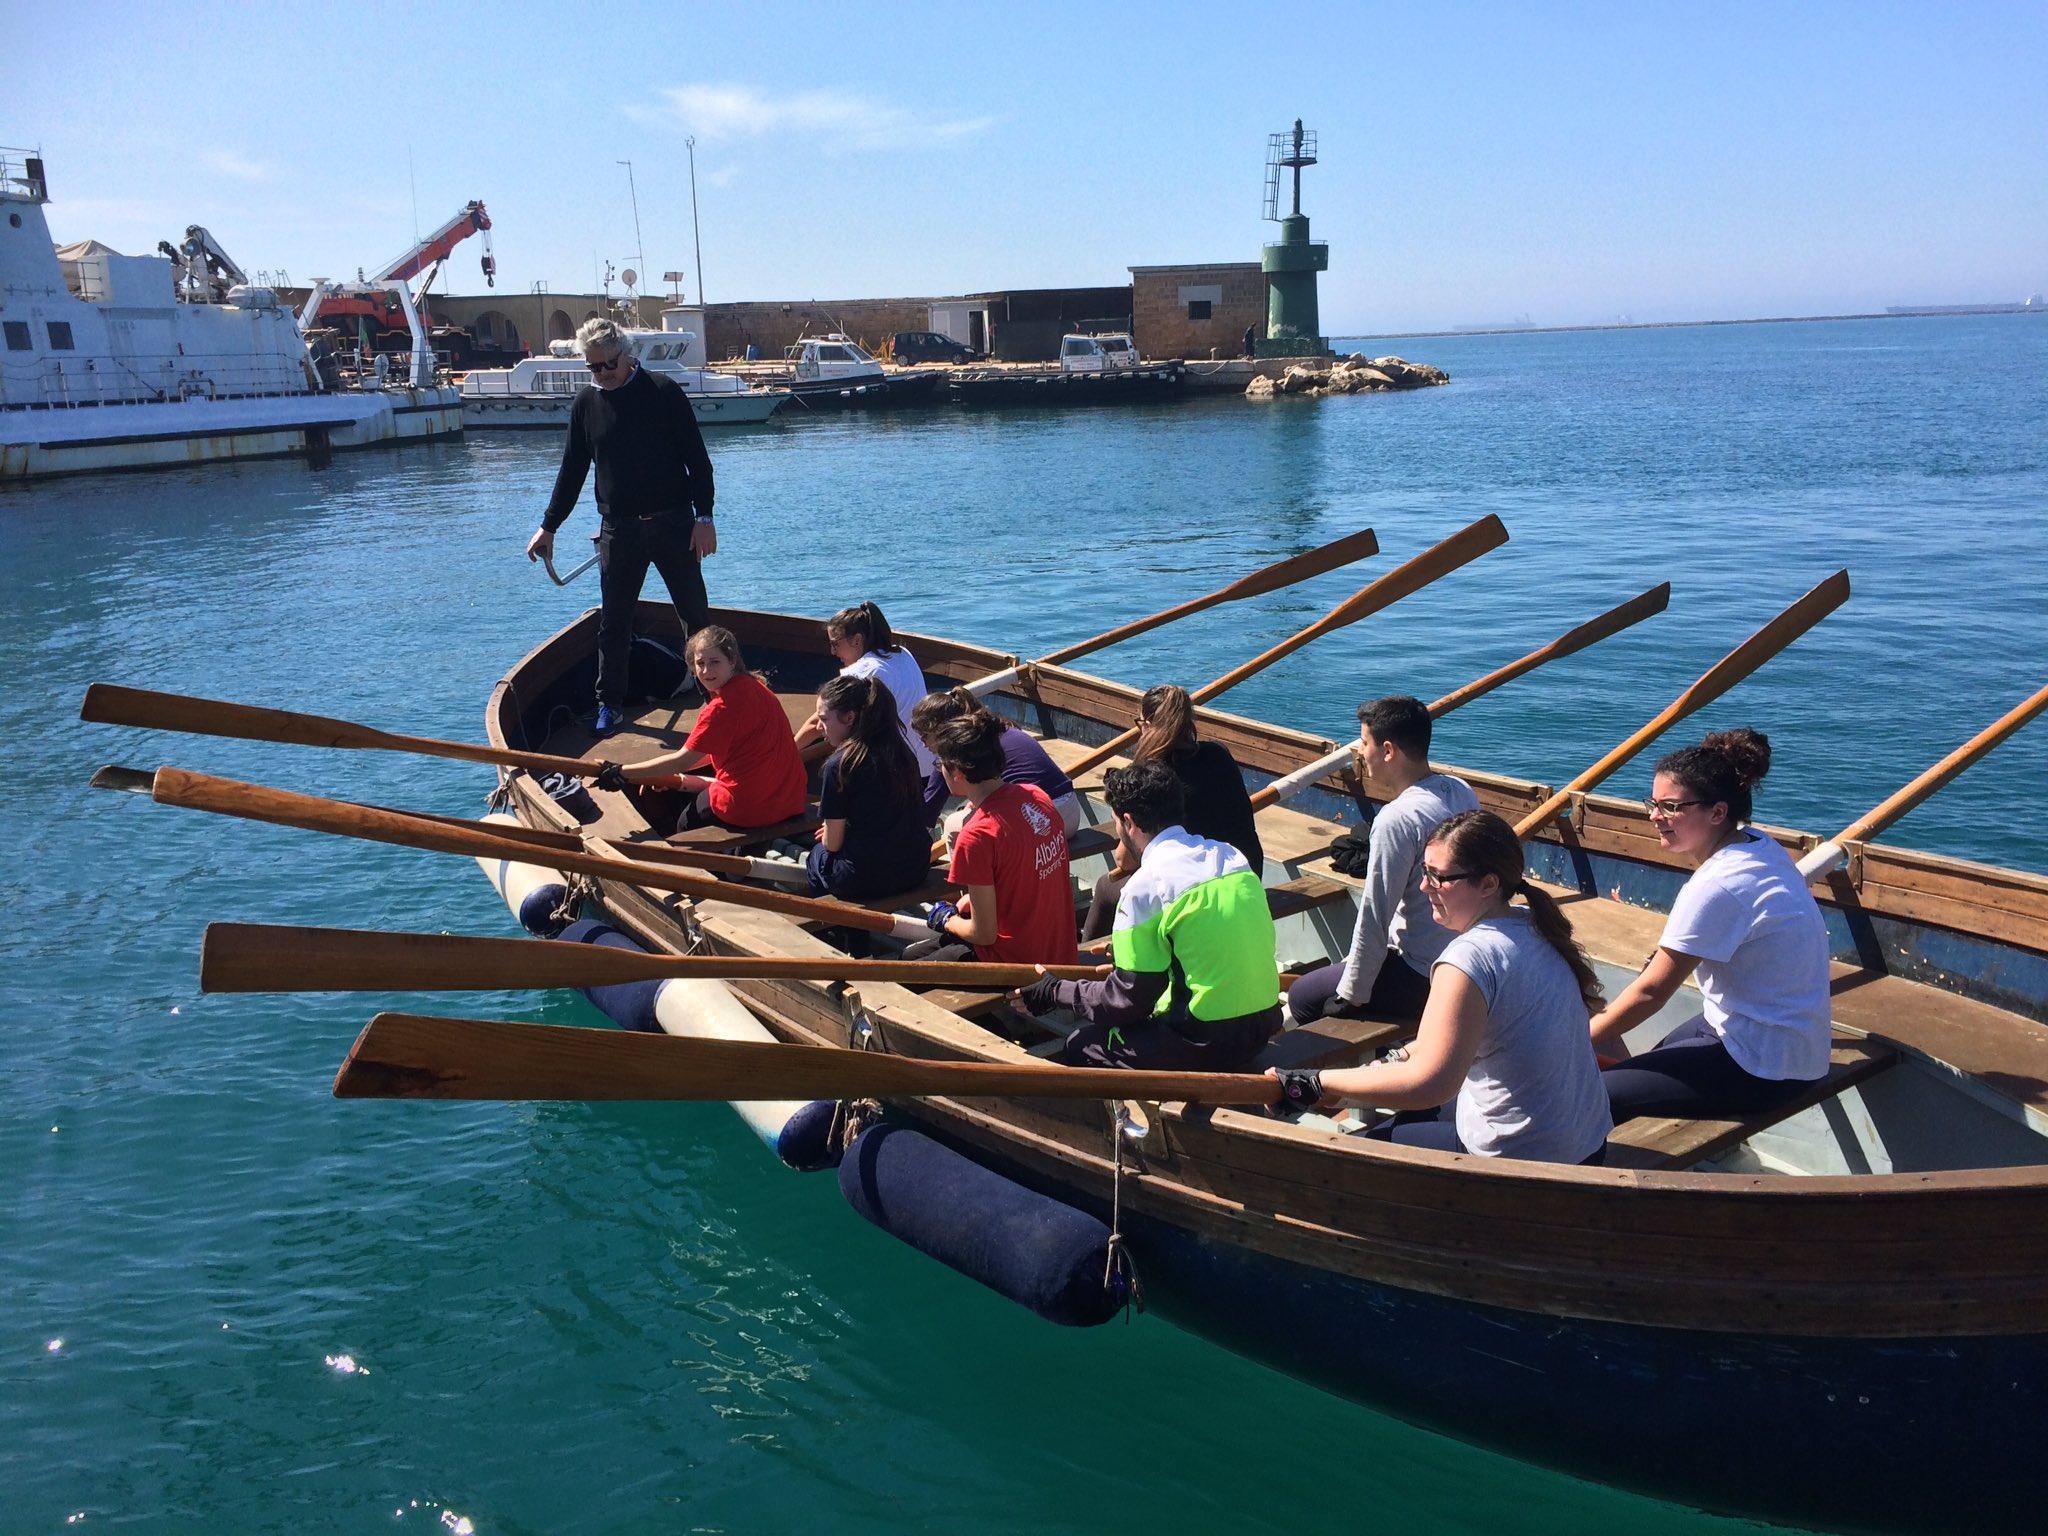 """Palio di Taranto on Twitter: """"Al via gli allenamenti per il #palio delle  #scuole del prossimo 6 maggio. In barca i ragazzi del Liceo #Aristosseno  https://t.co/CkeM8wTKdo"""""""